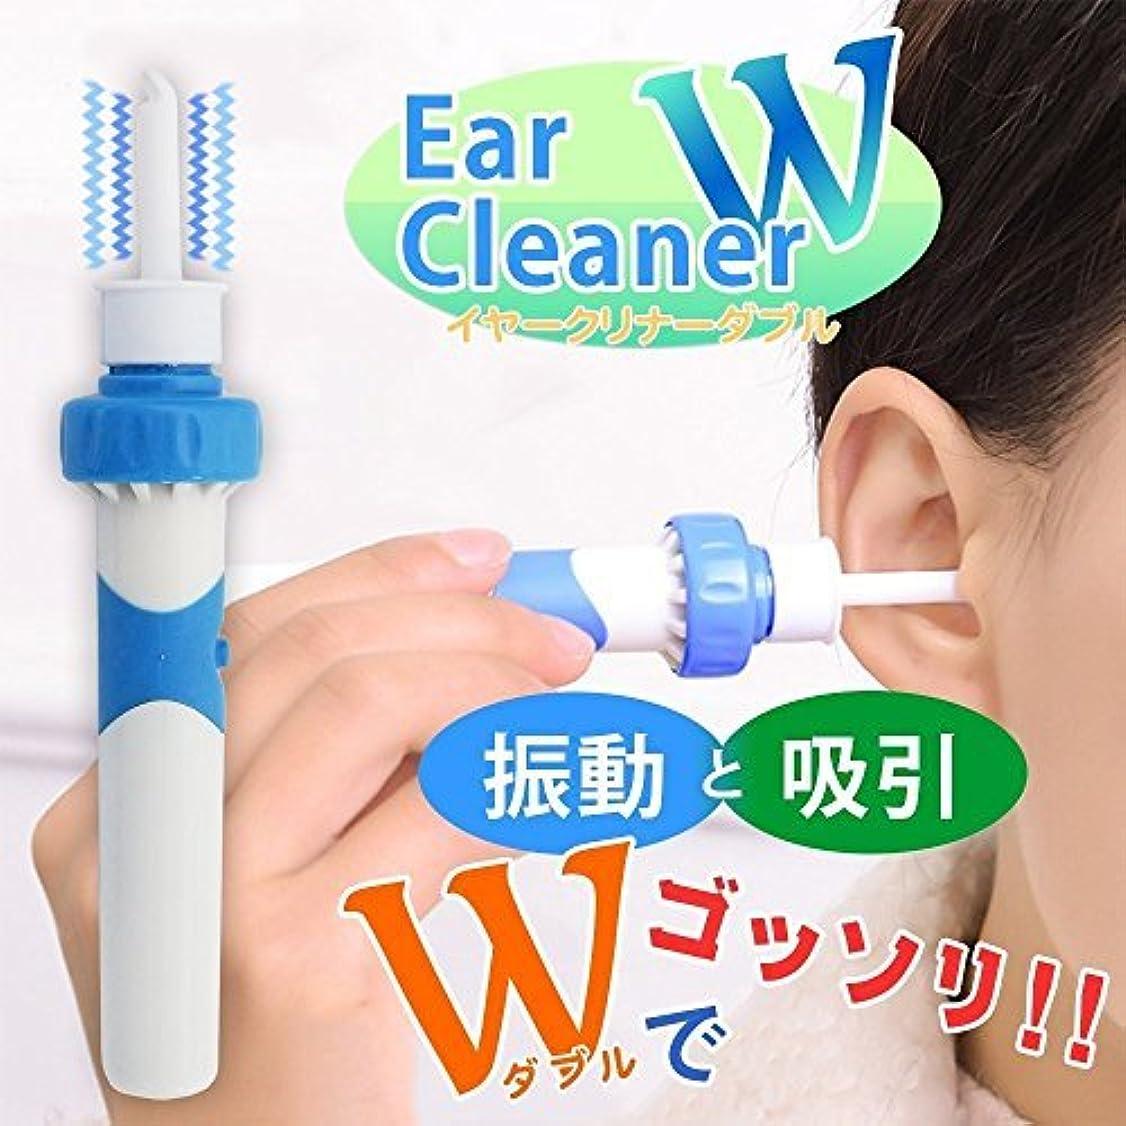 きょうだいコレクション薄いですCHUI FEN 耳掃除機 電動耳掃除 耳クリーナー 耳掃除 みみそうじ 耳垢 吸引 耳あか吸引